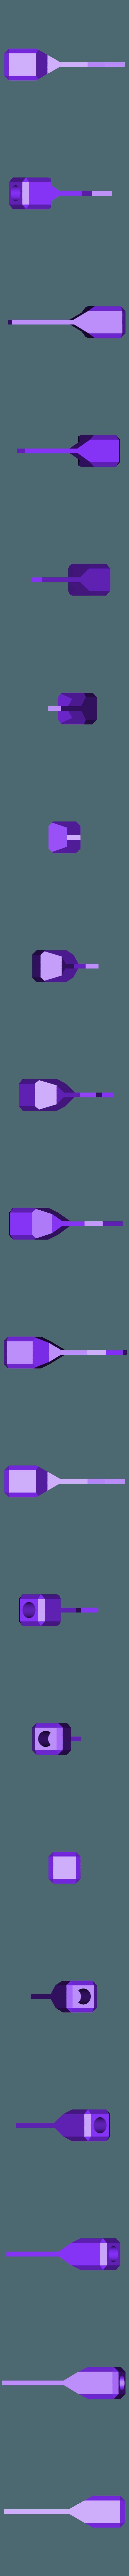 Retort_Hook.stl Télécharger fichier STL gratuit Kit de supports, de pinces et d'équipement • Modèle pour impression 3D, TinkersProjects